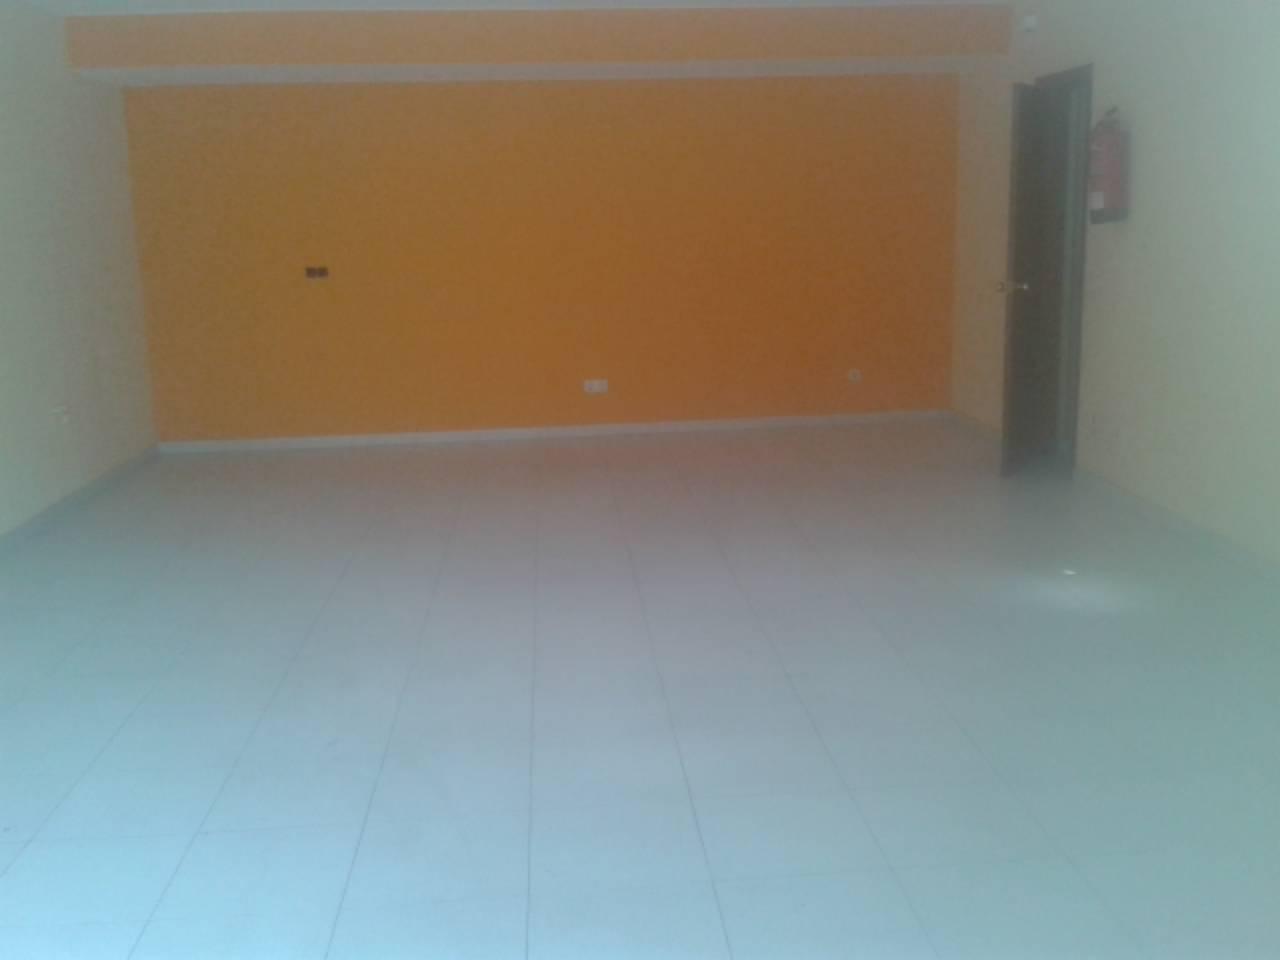 Lloguer Local Comercial  Centre. Superf. 40 m², accesibilidad, puertas de acceso (1), escaparate